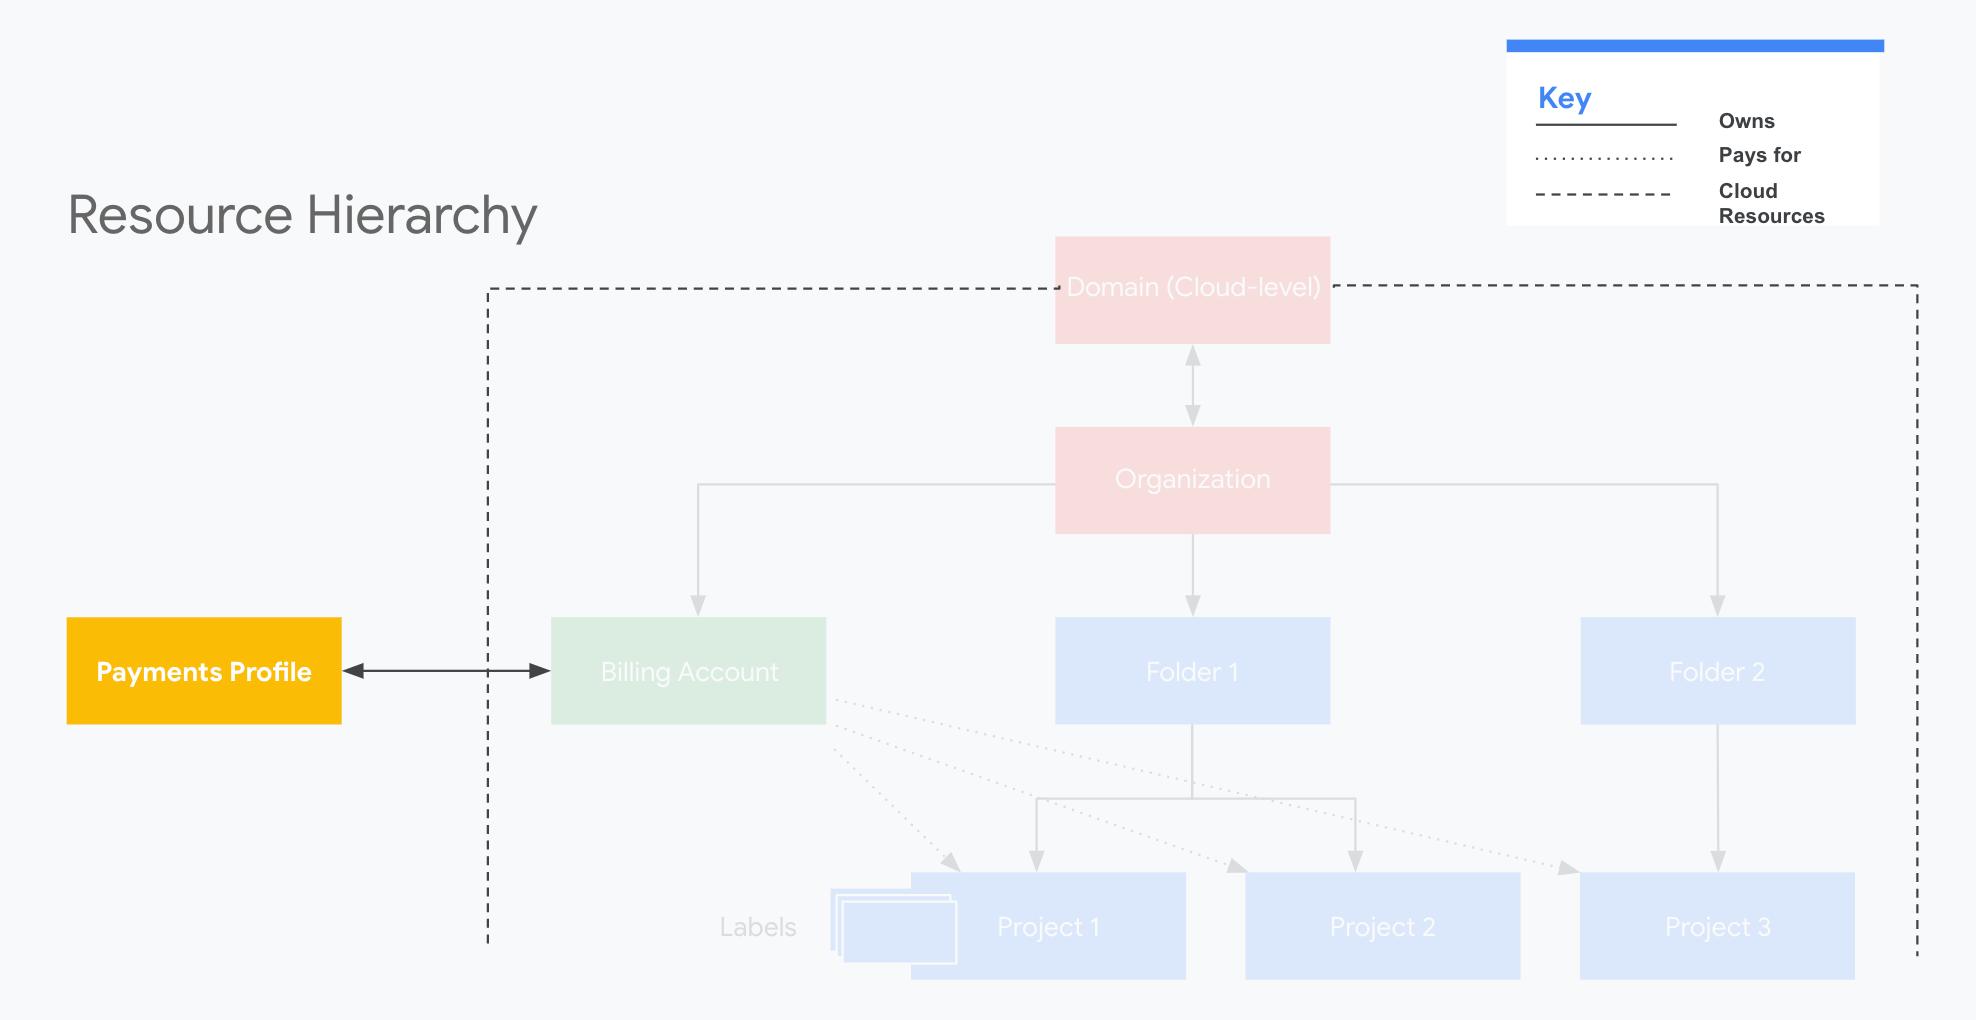 Perfil para pagamentos do Google na hierarquia de recursos